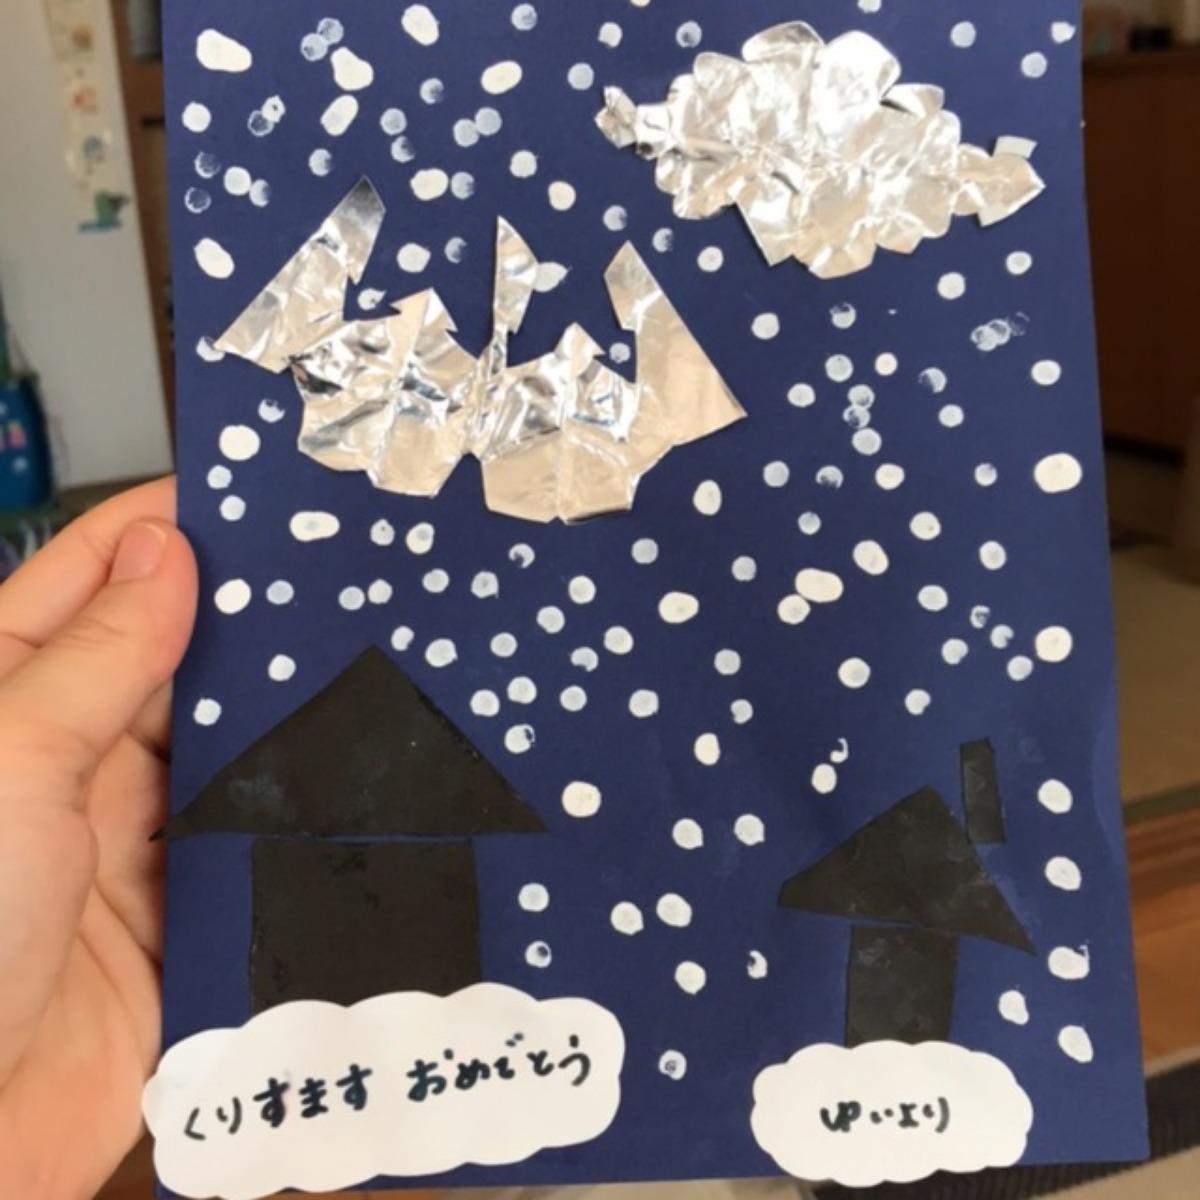 【アプリ投稿】クリスマスカード 年長